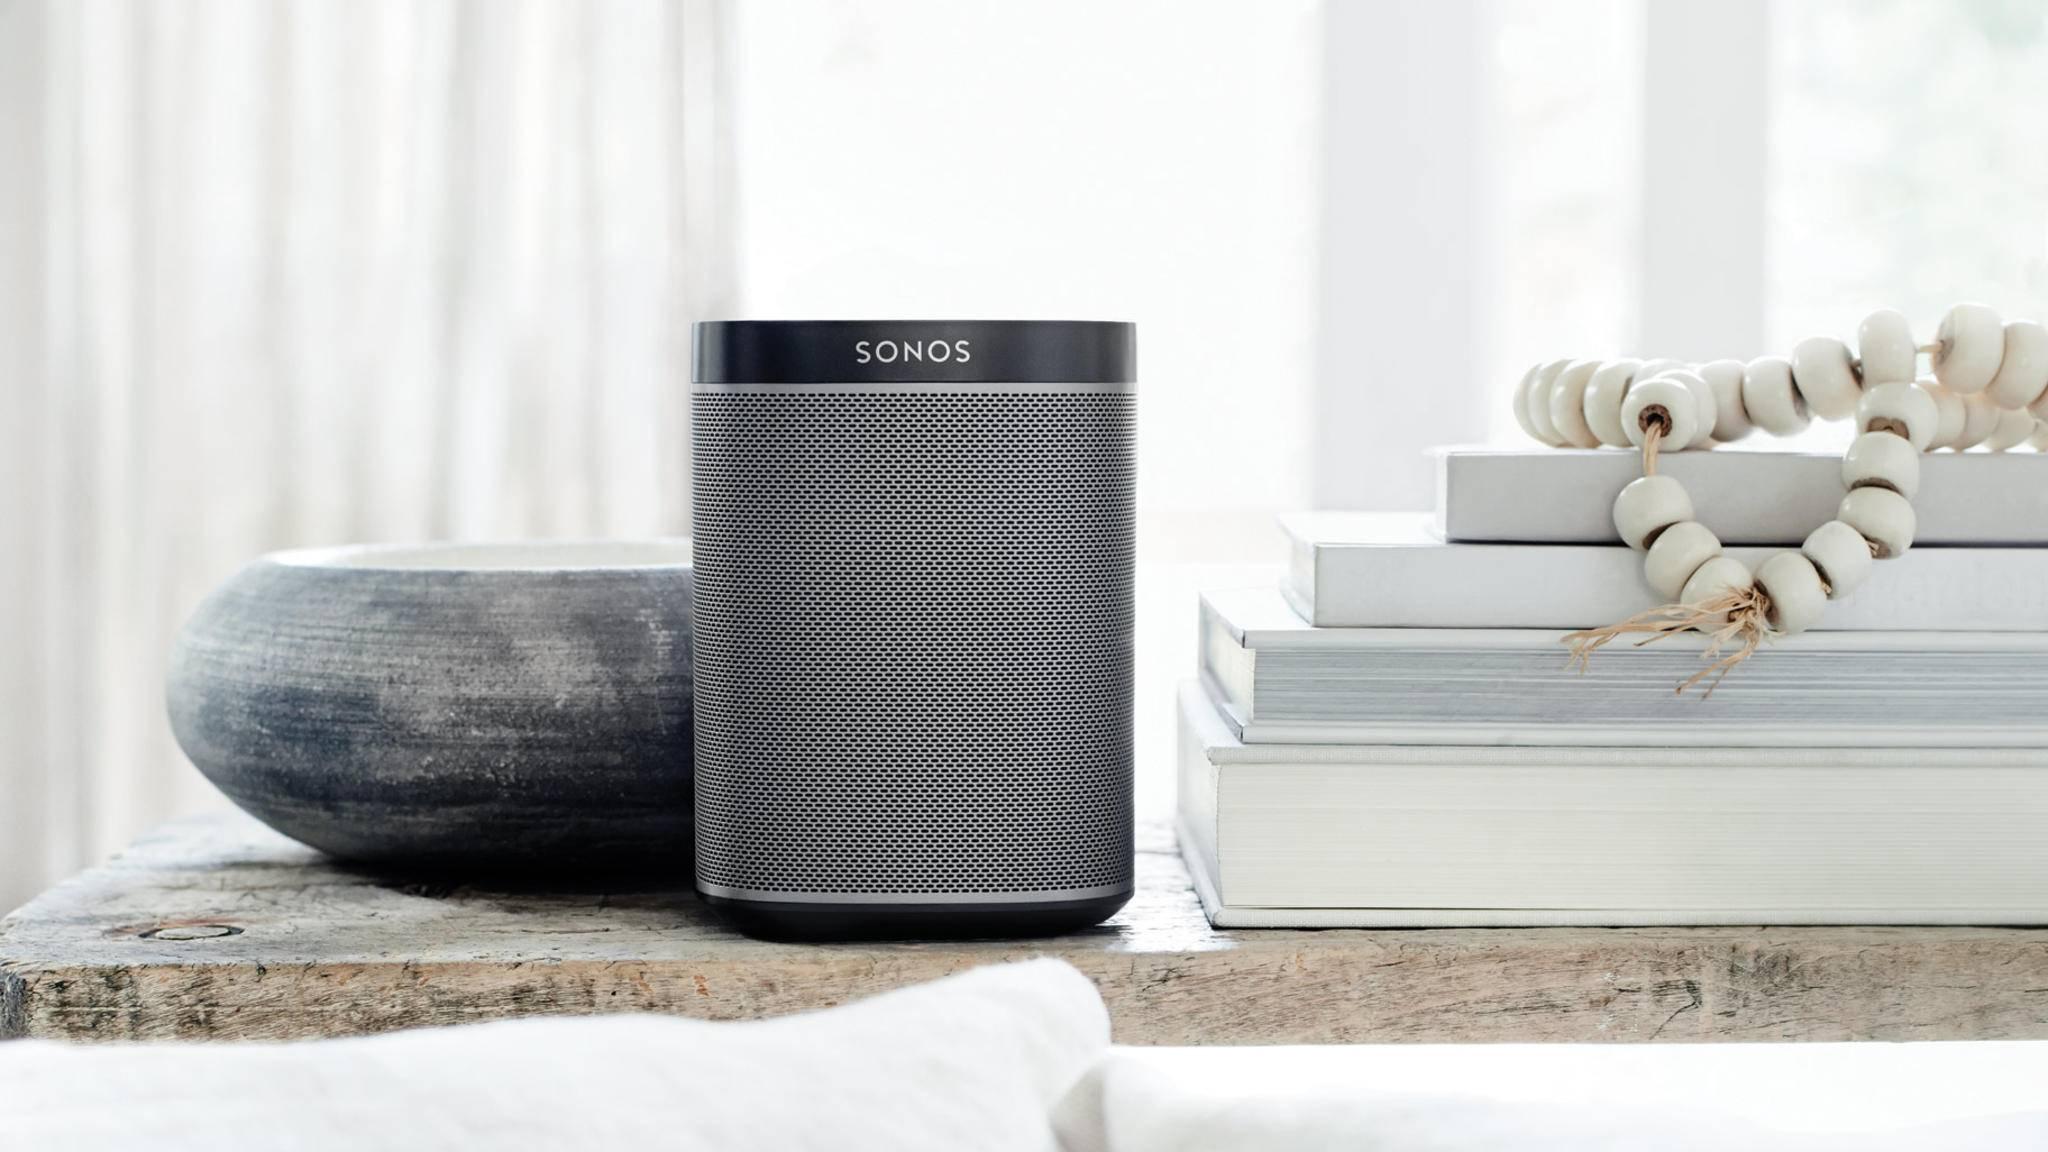 Wird Sonos am 4. Oktober einen eigenen Smart Speaker vorstellen?